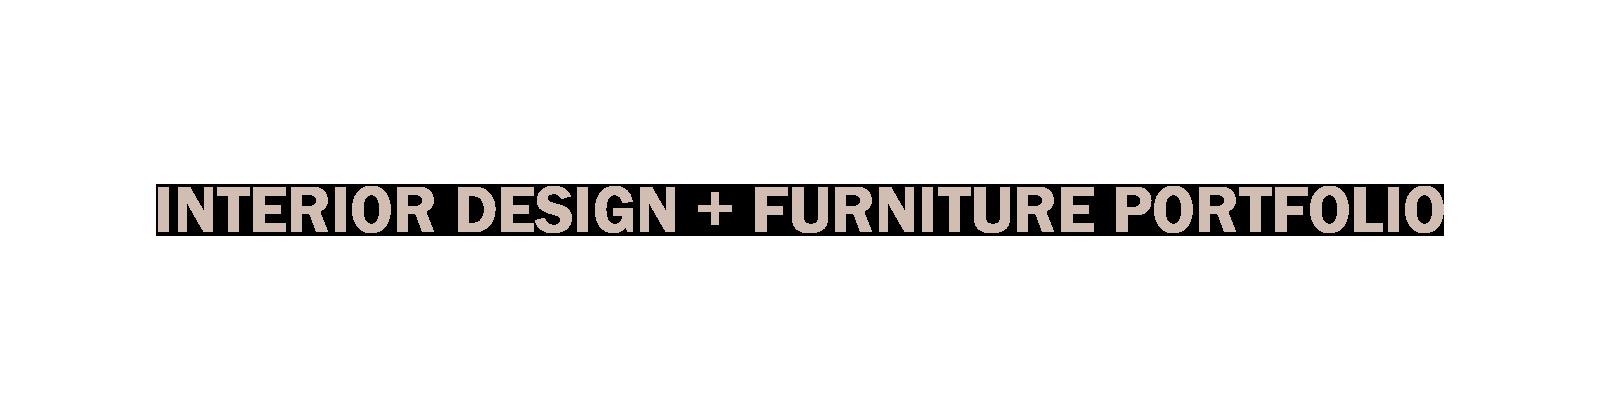 interior design + furniture portfolio (3).png